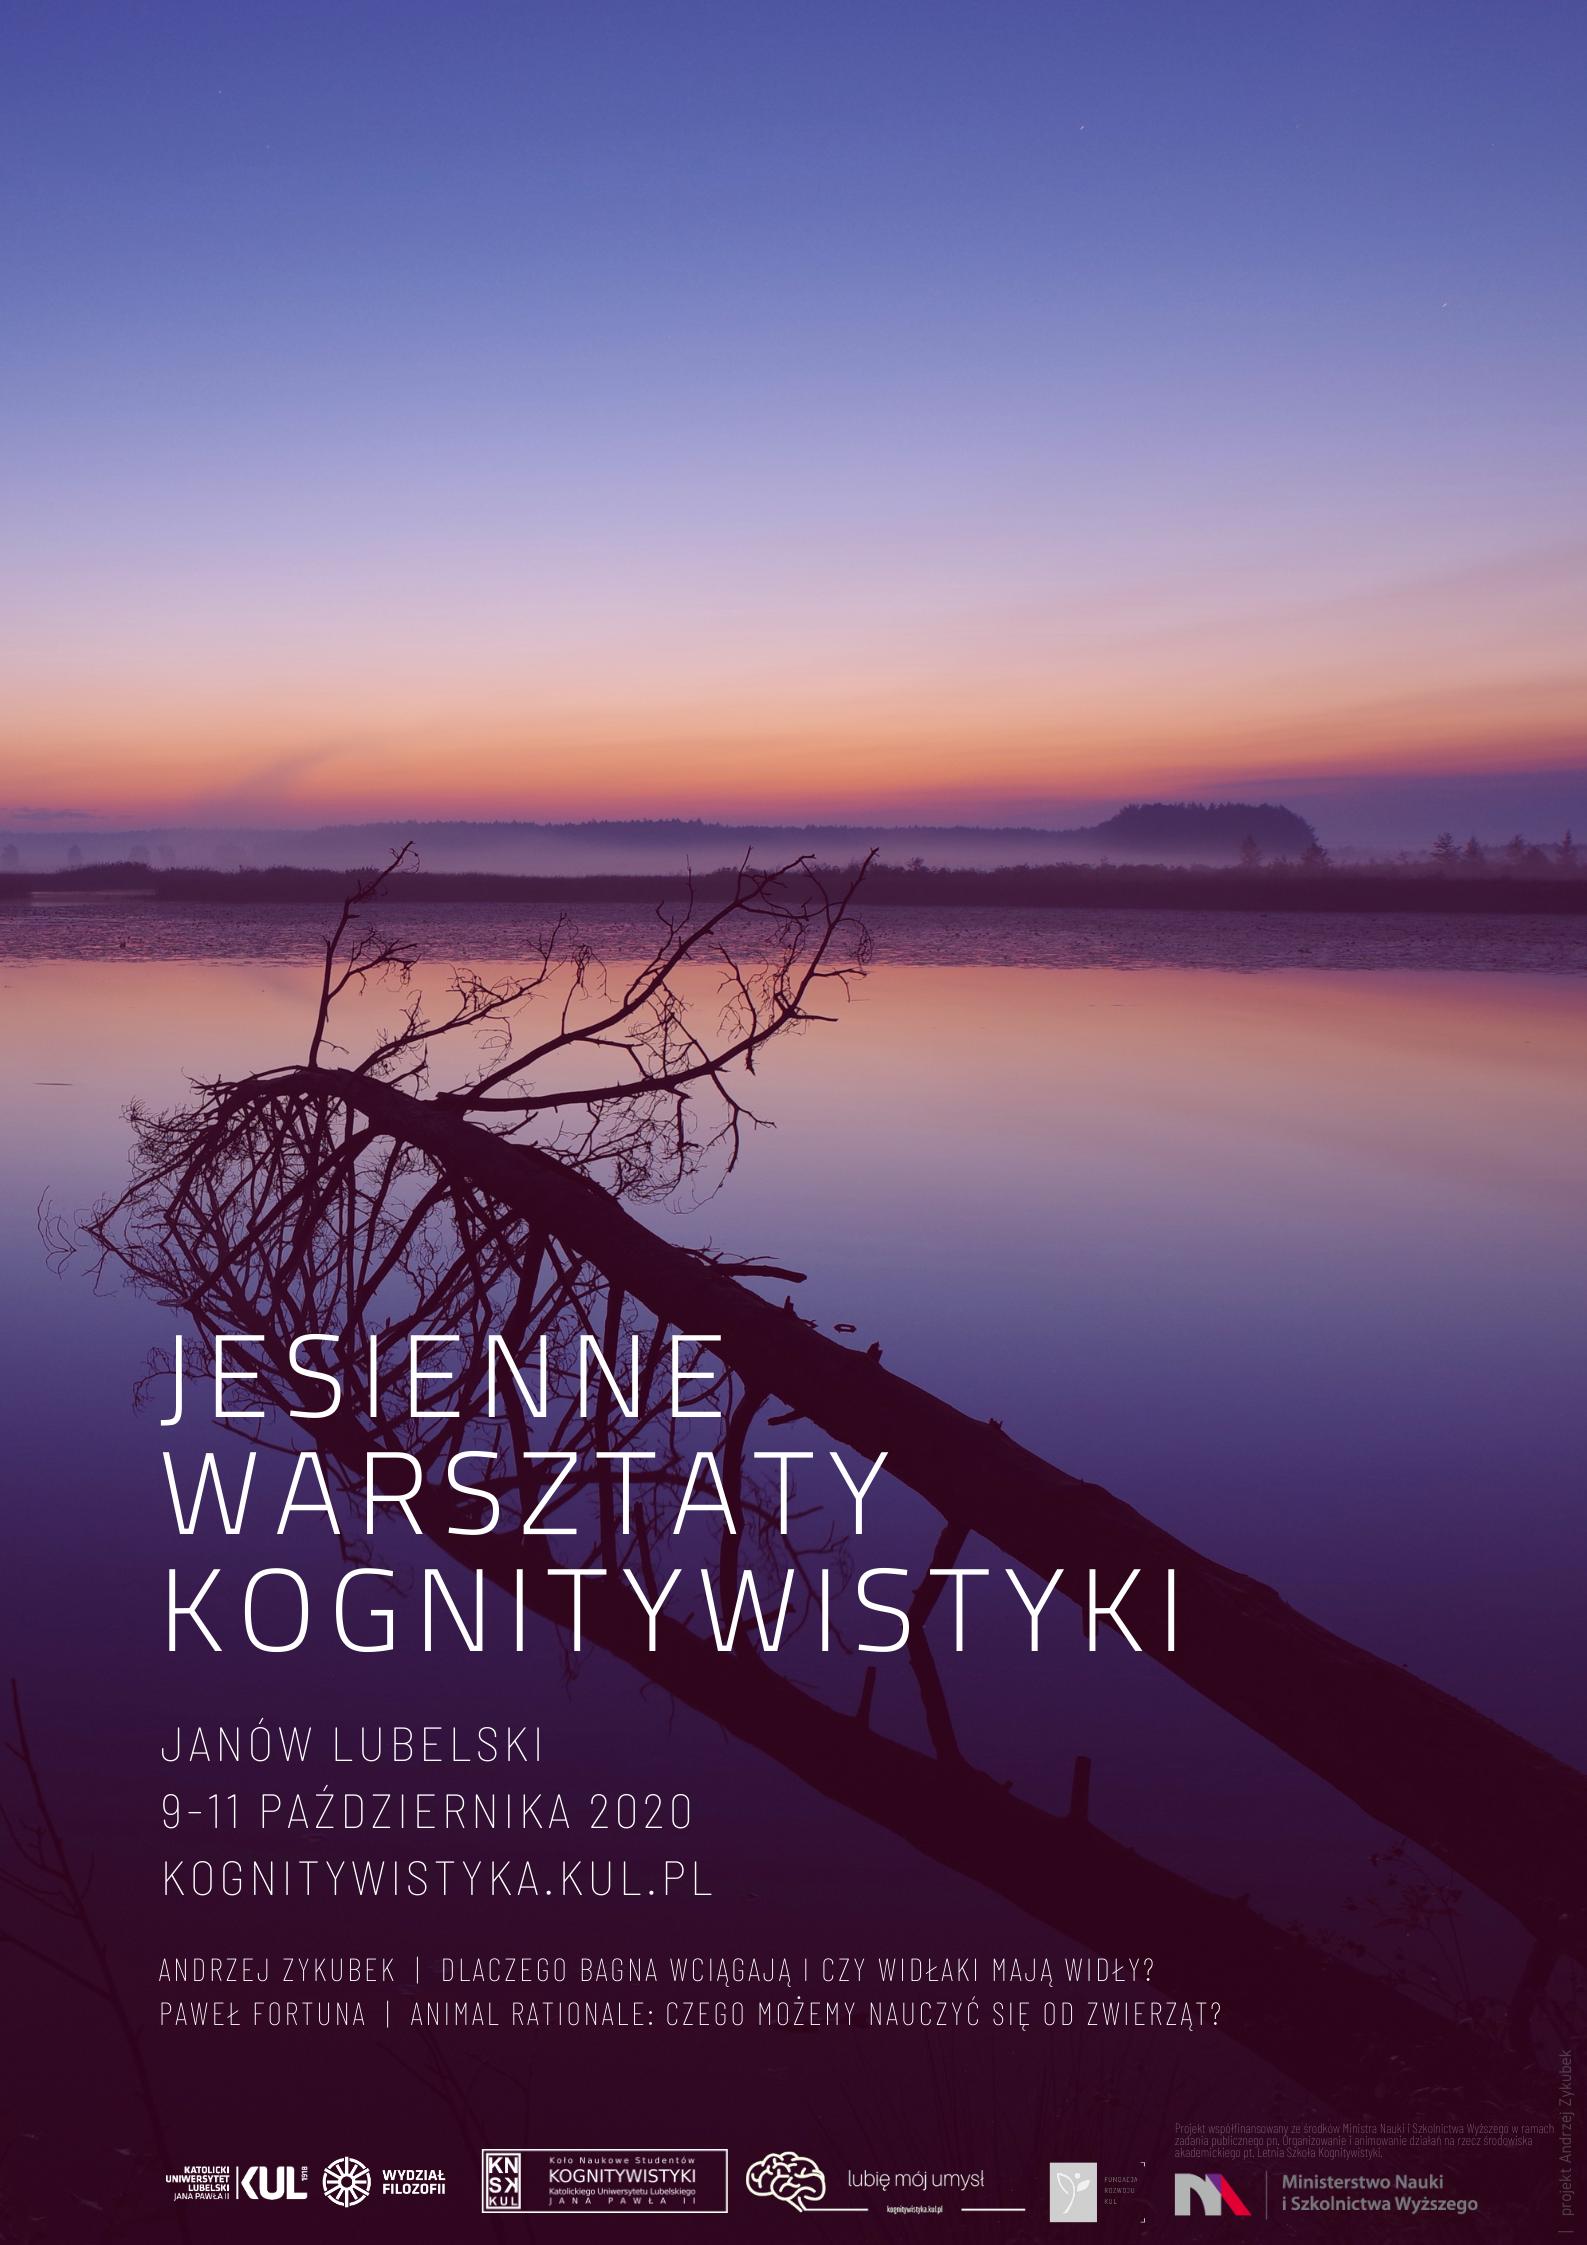 Jesienne Warsztaty Kognitywistyki